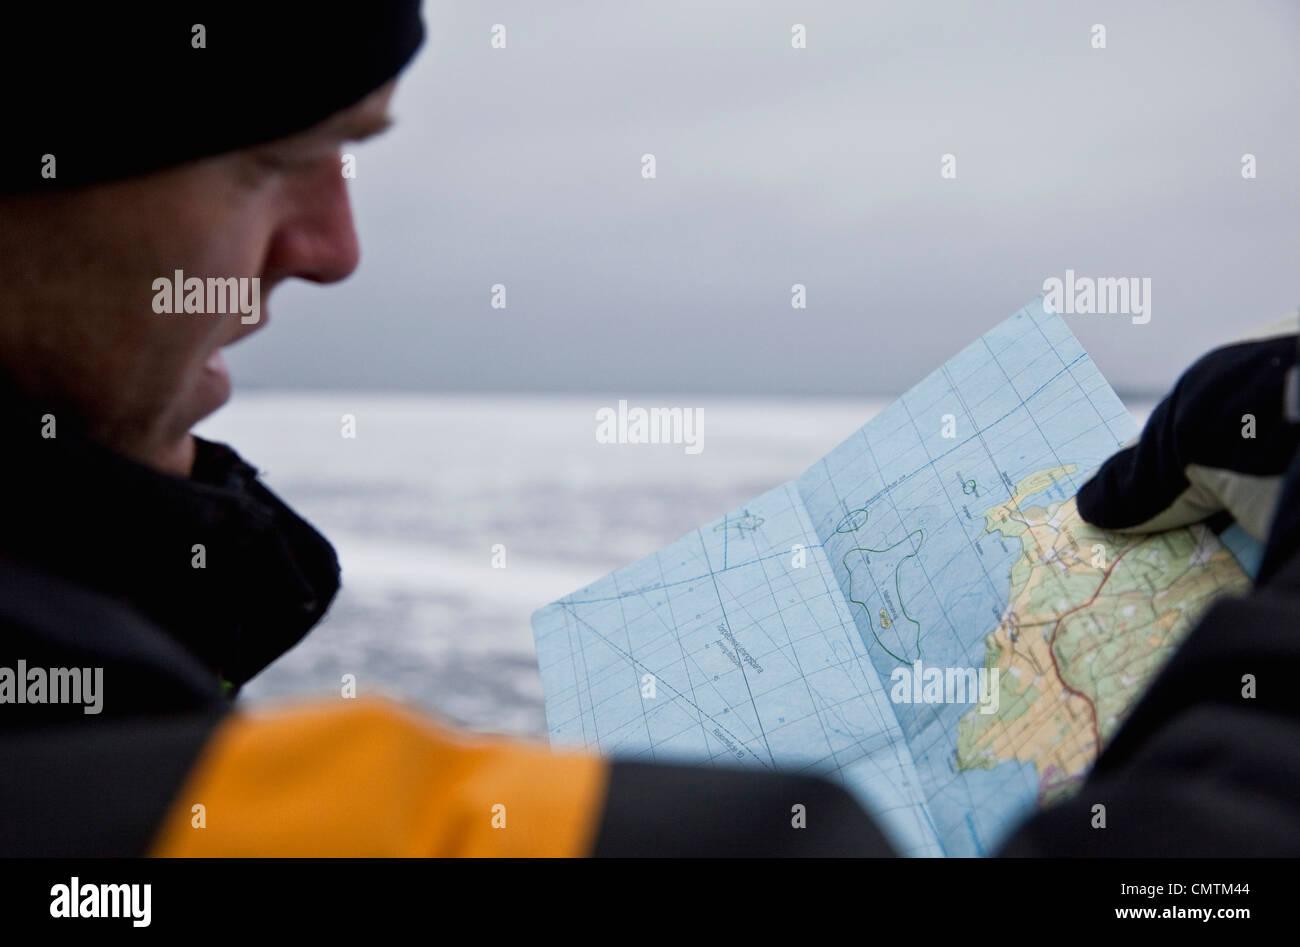 Man looking at map - Stock Image